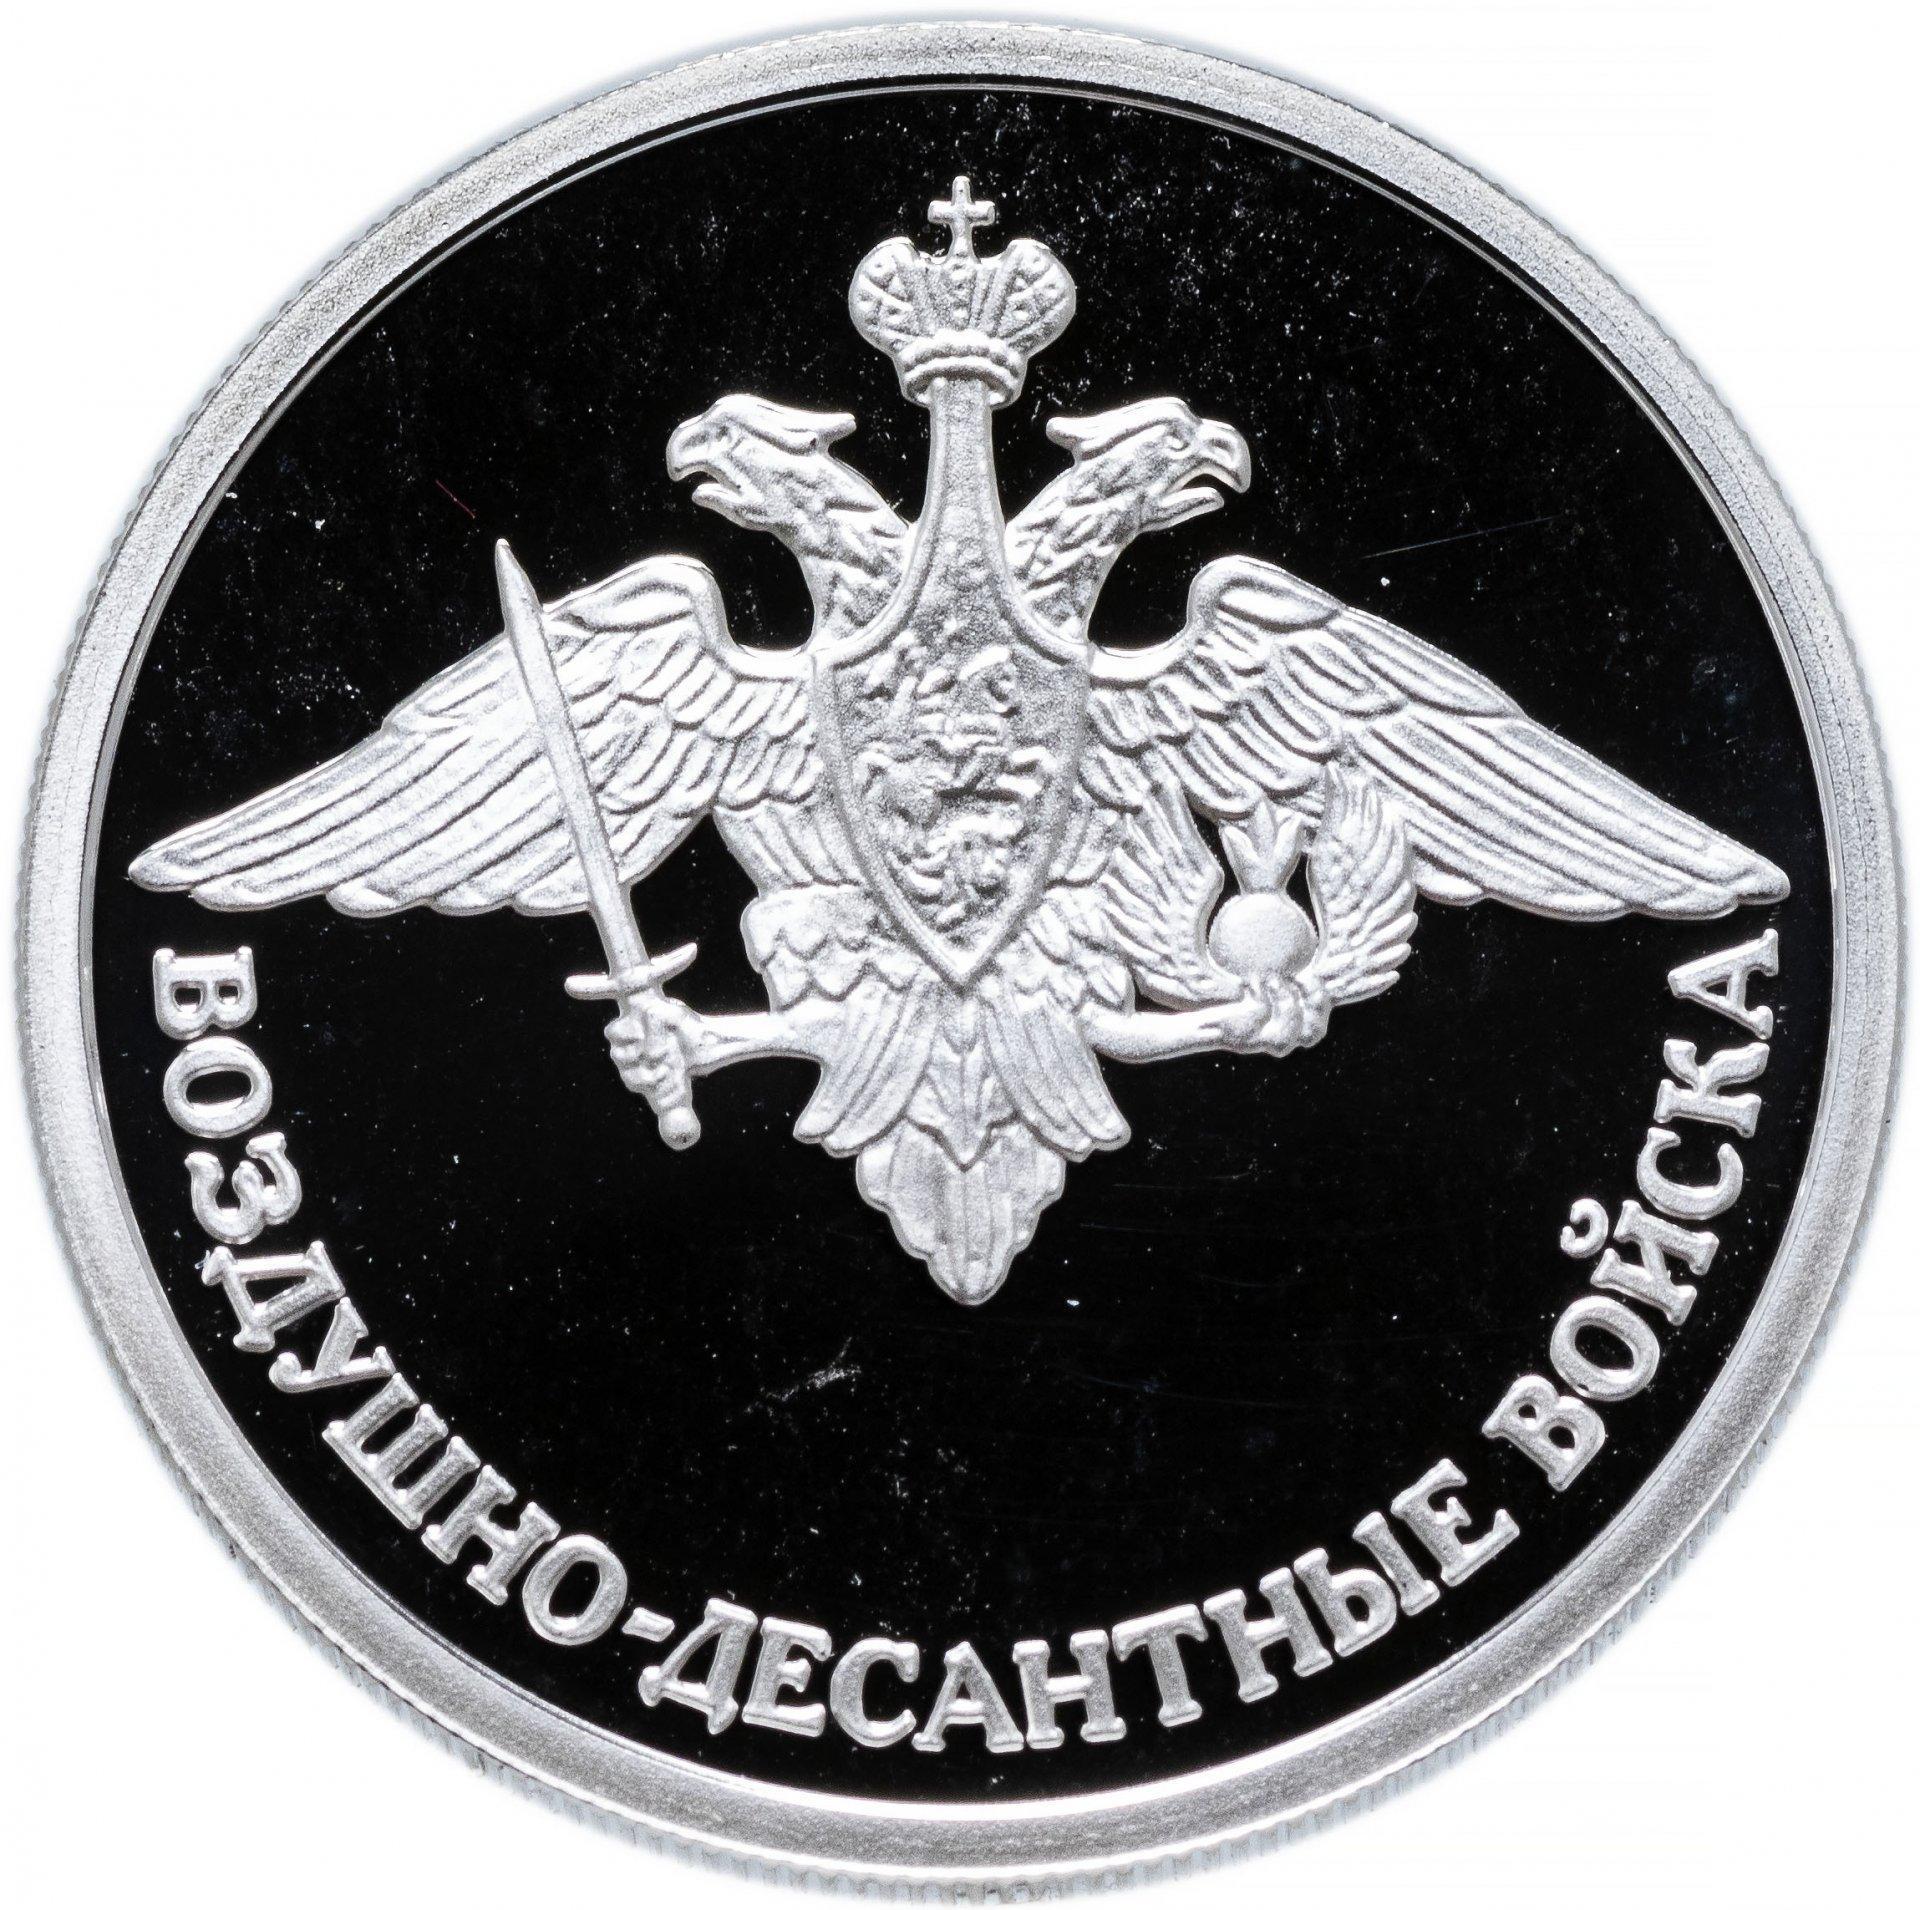 воздушно-десантные войска российской федерации эмблема ней изображена сова